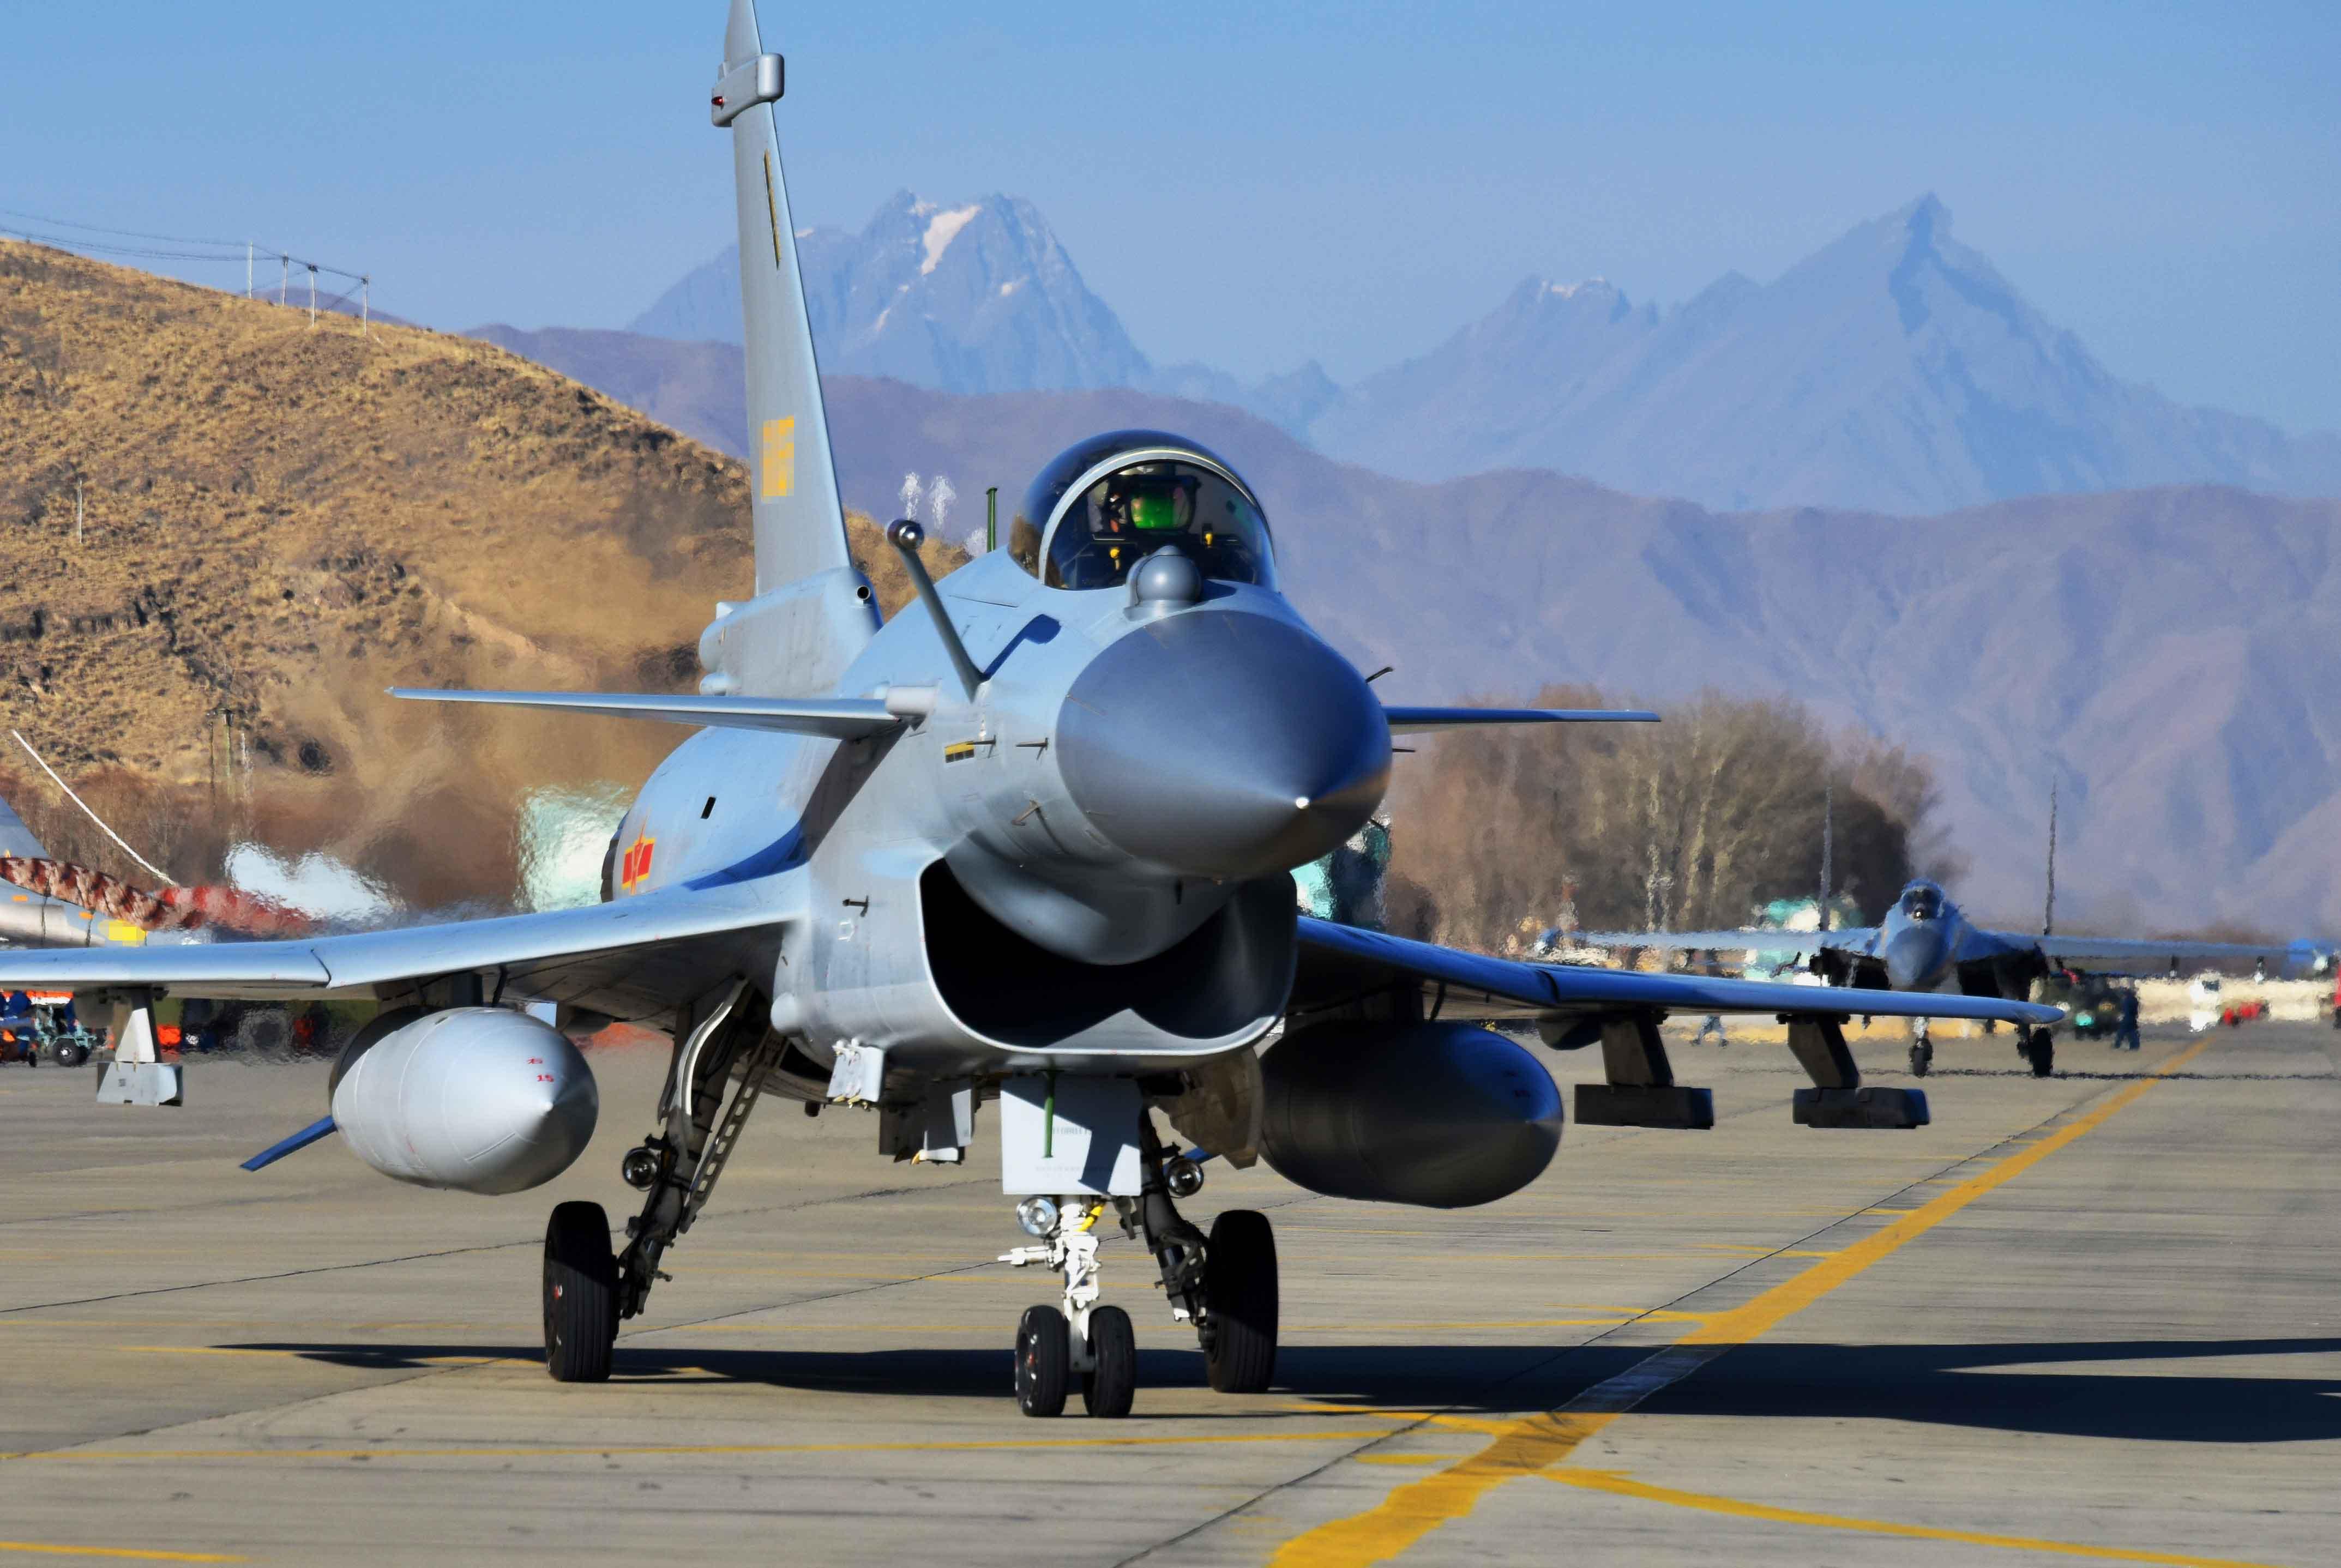 军事资讯_准备武统台湾?中国主力战机正在进行针对性训练_凤凰军事